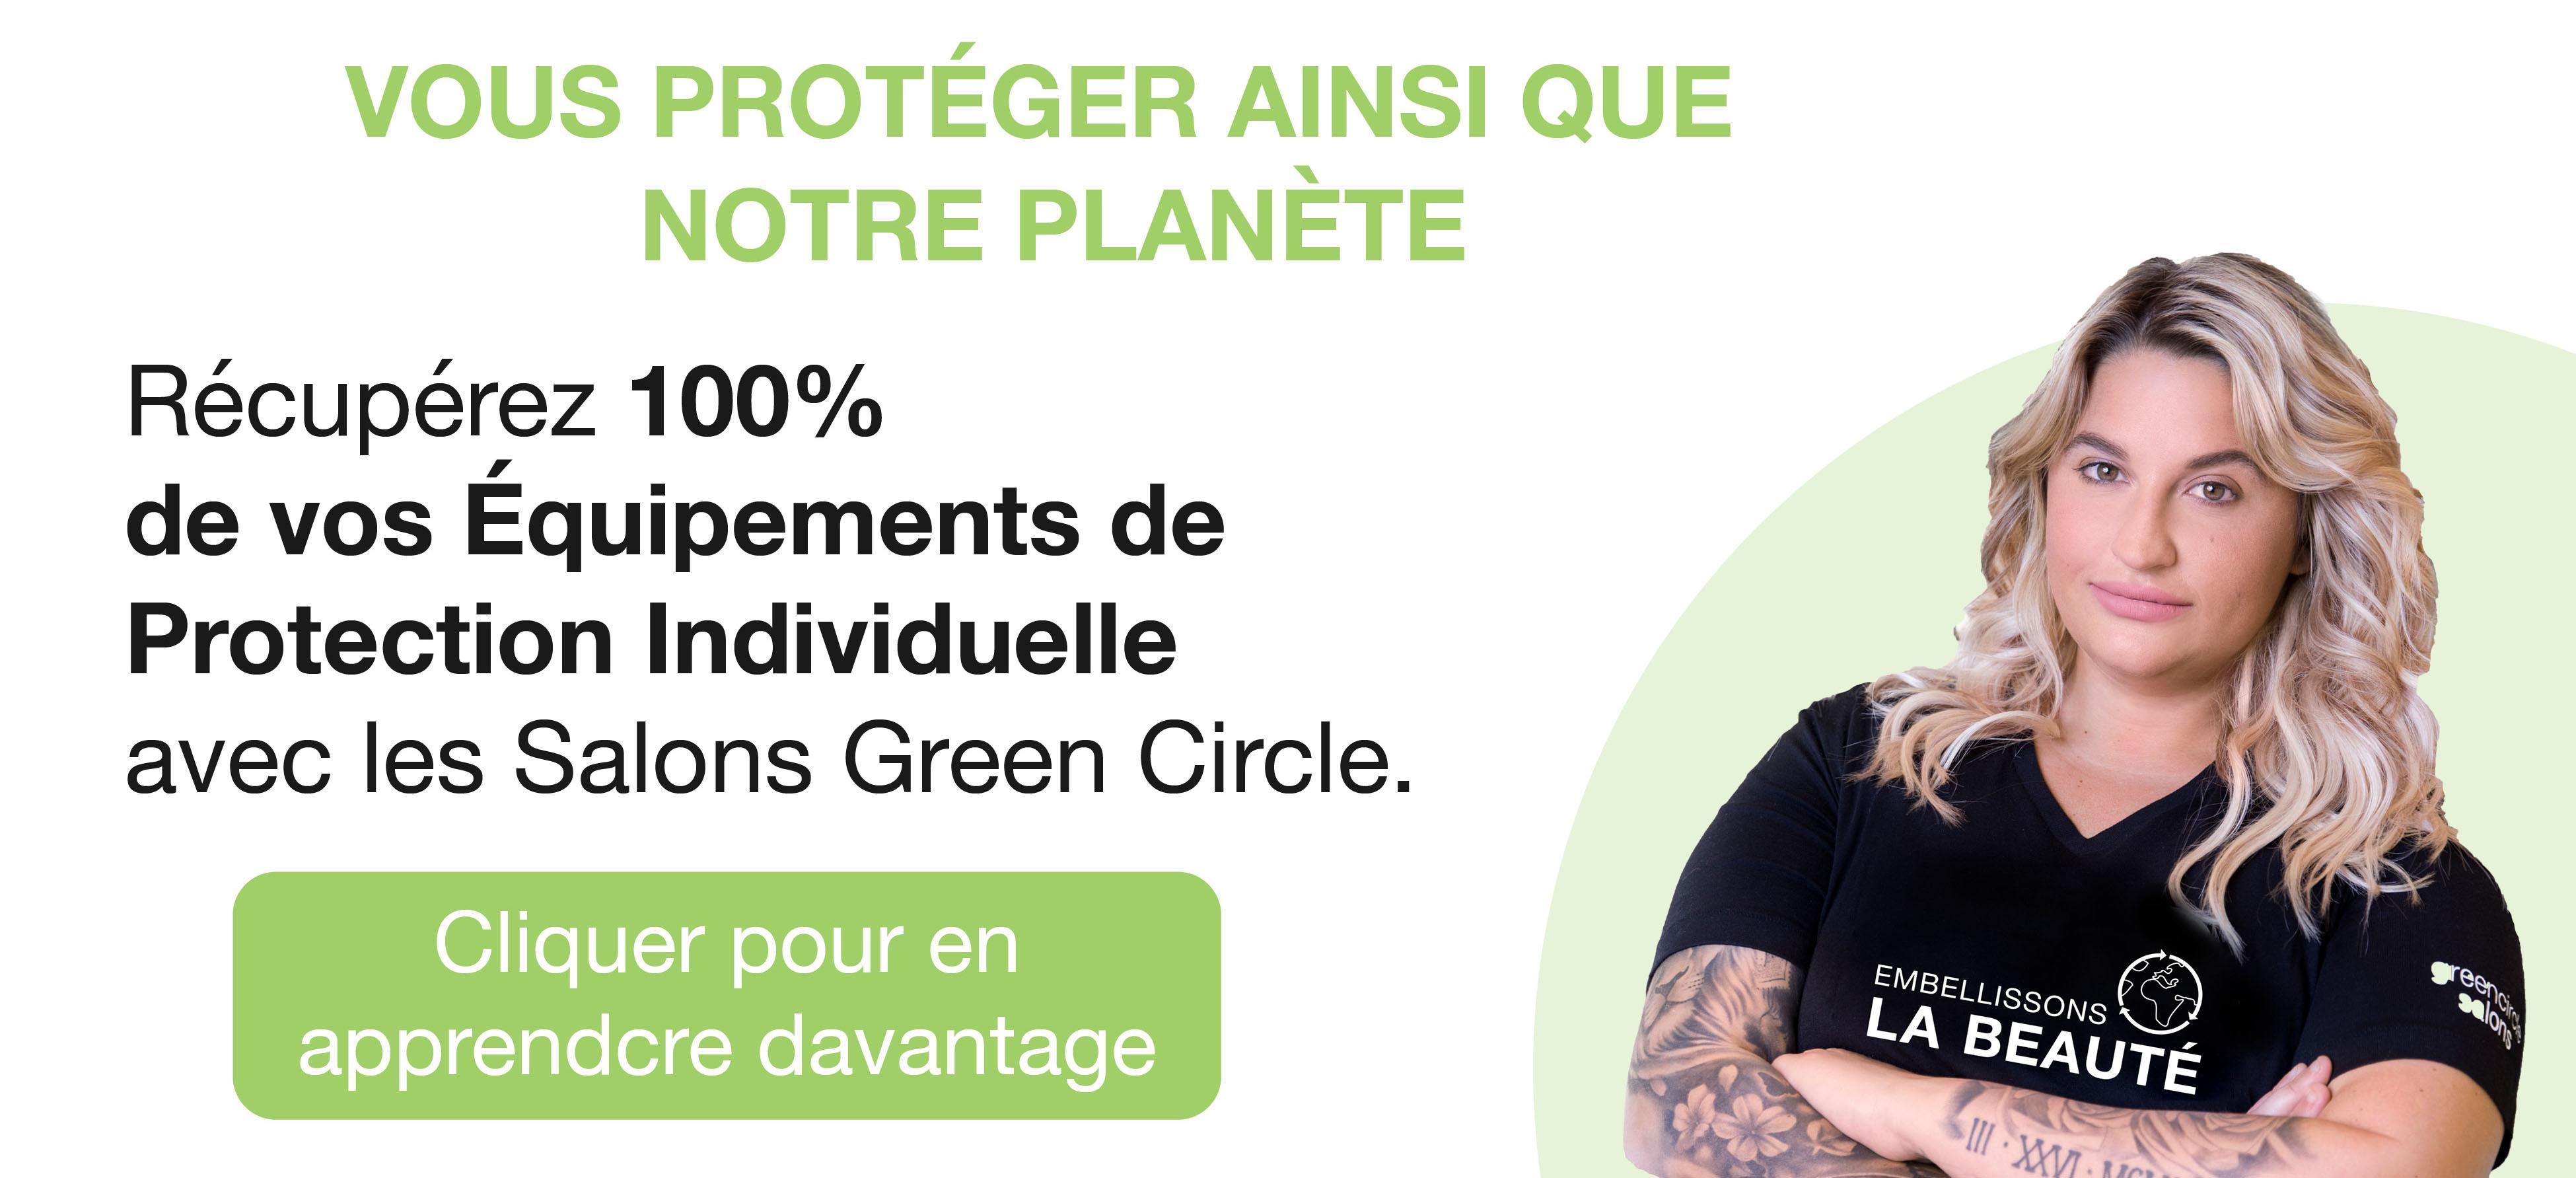 Récupérez 100% de vos équipements de protection individuelle avec les Salons Green Circle